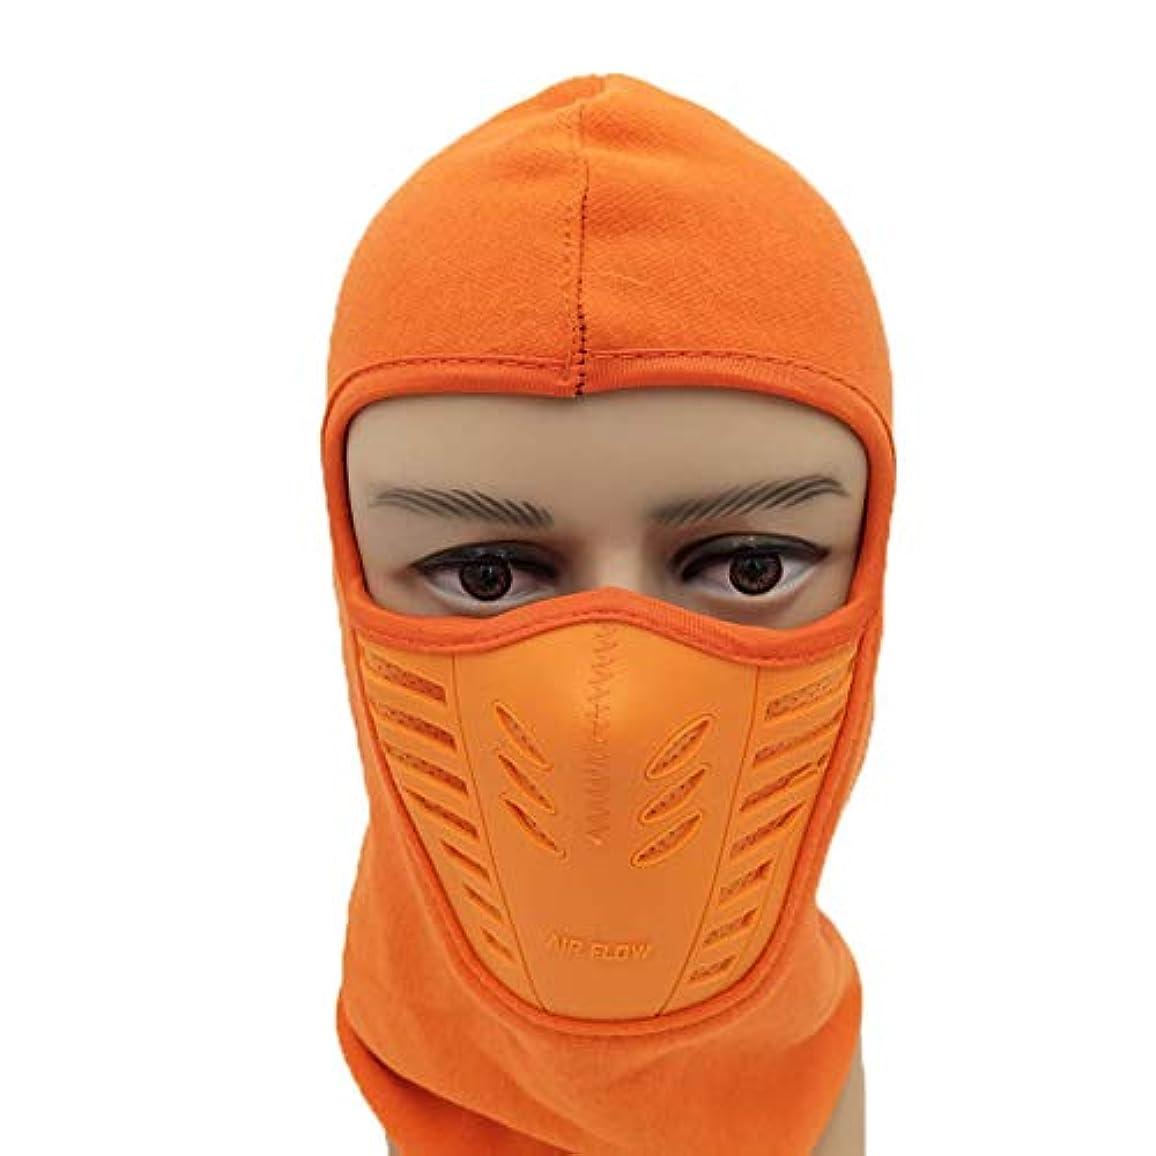 緊急猛烈な著作権Tenflyerウィンターフリースネックウォーマー、フェイスマスクカバー、厚手ロングネックガーターチューブ、ビーニーネックウォーマーフード、ウィンターアウトドアスポーツマスク防風フード帽子